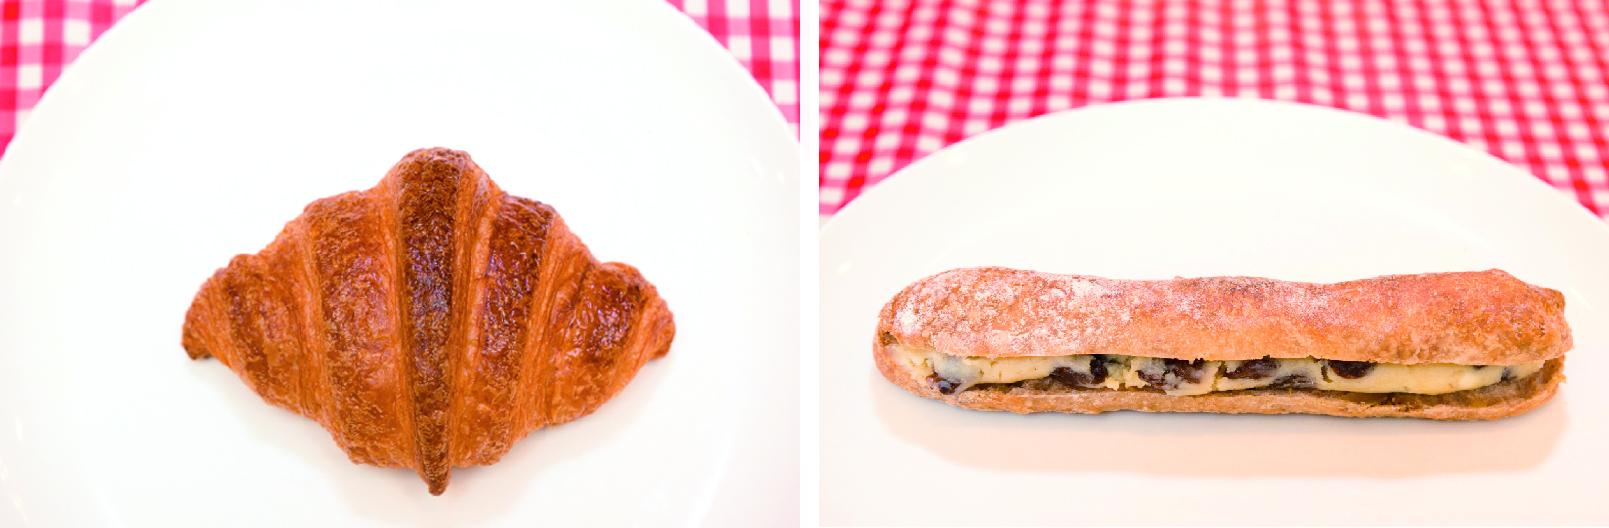 左、クロワッサン、右レーズン入りミルクフランス